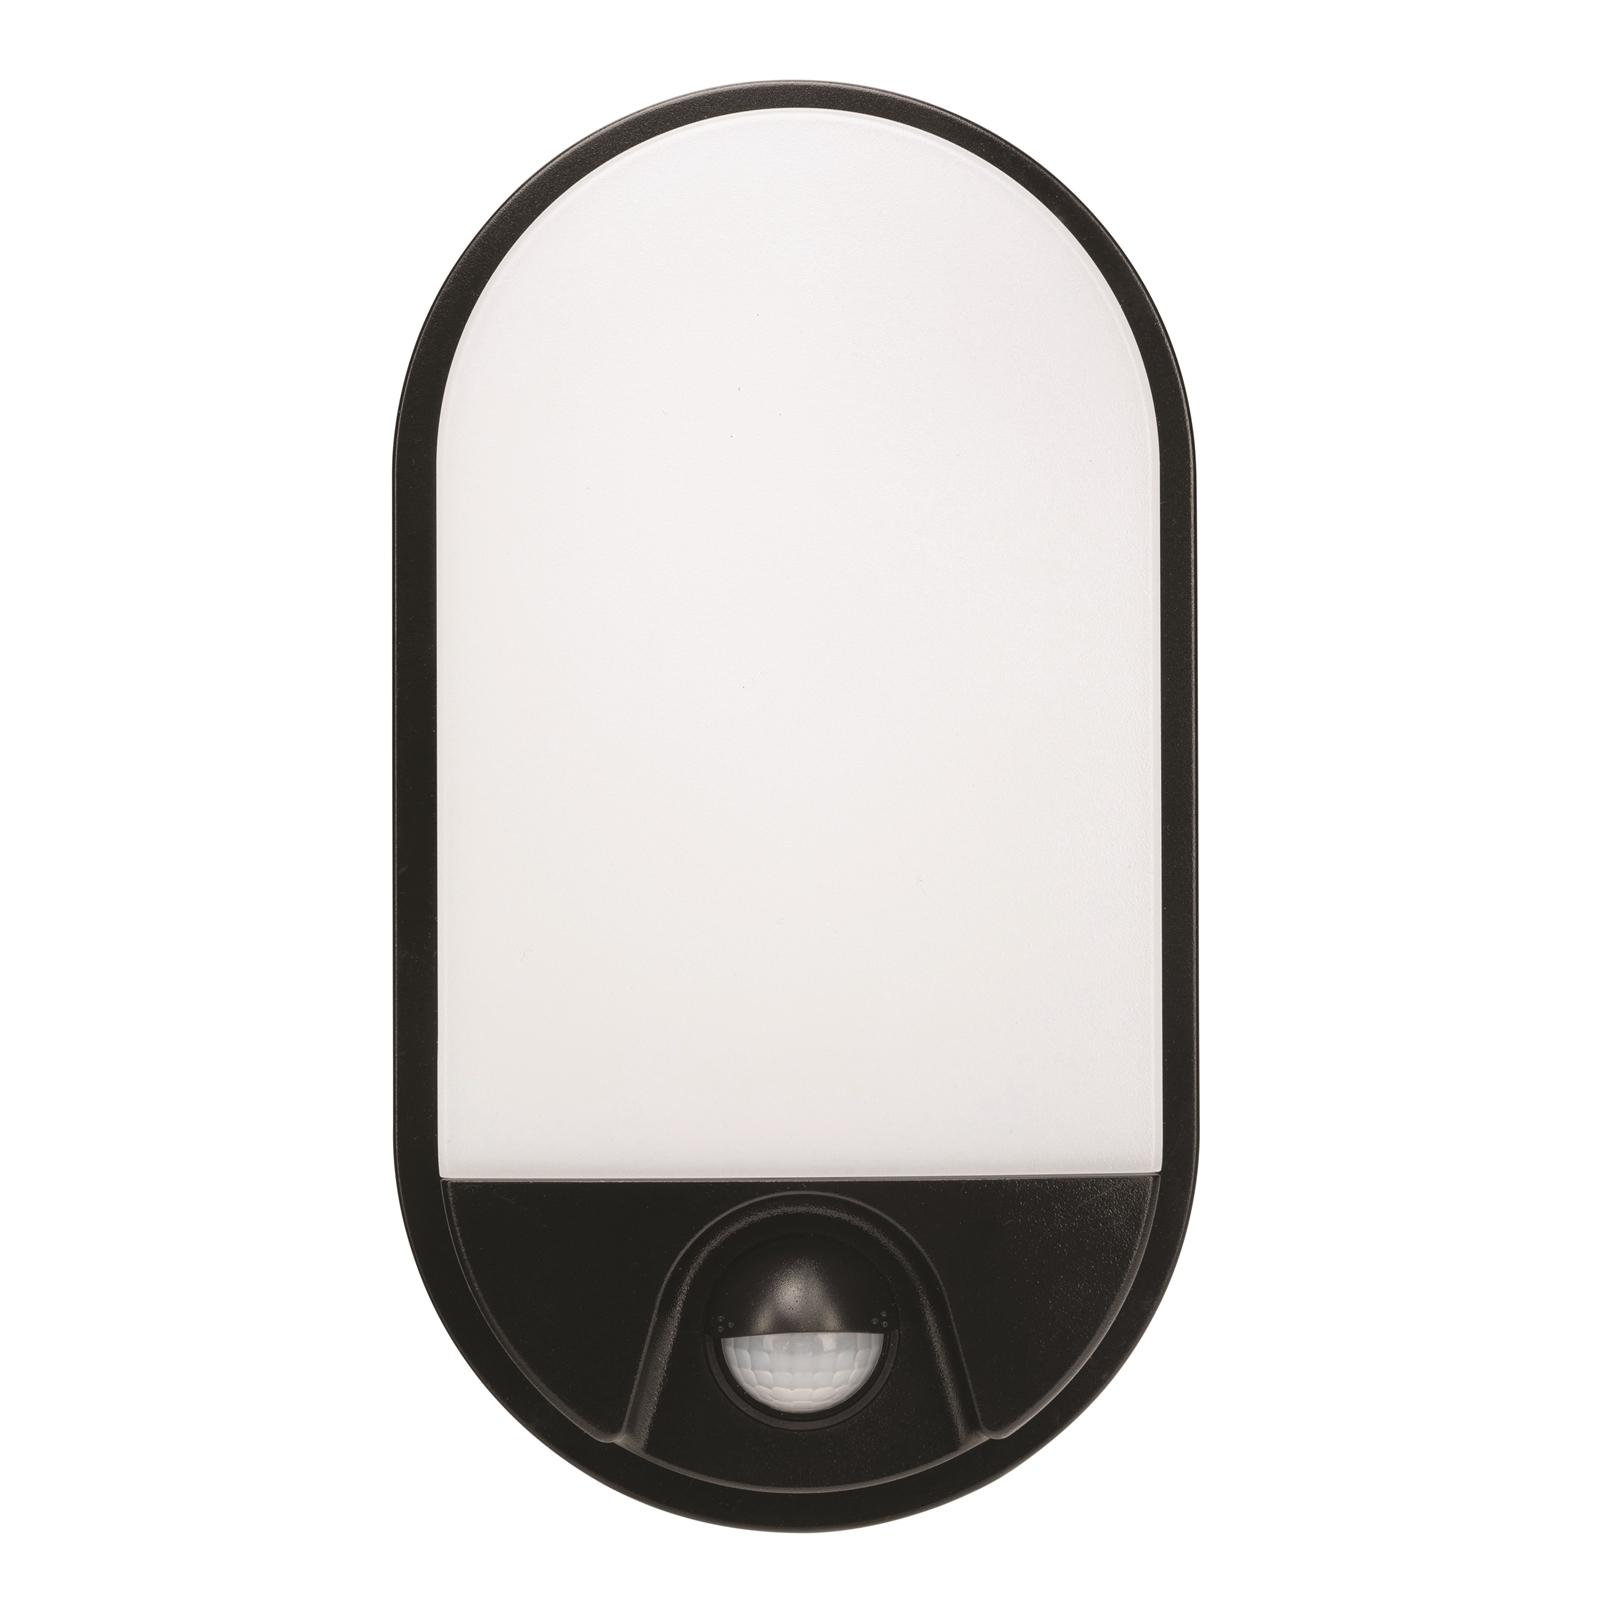 Brilliant Lighting 10W Barnet Slimline Oval Bunker Security Sensor Light